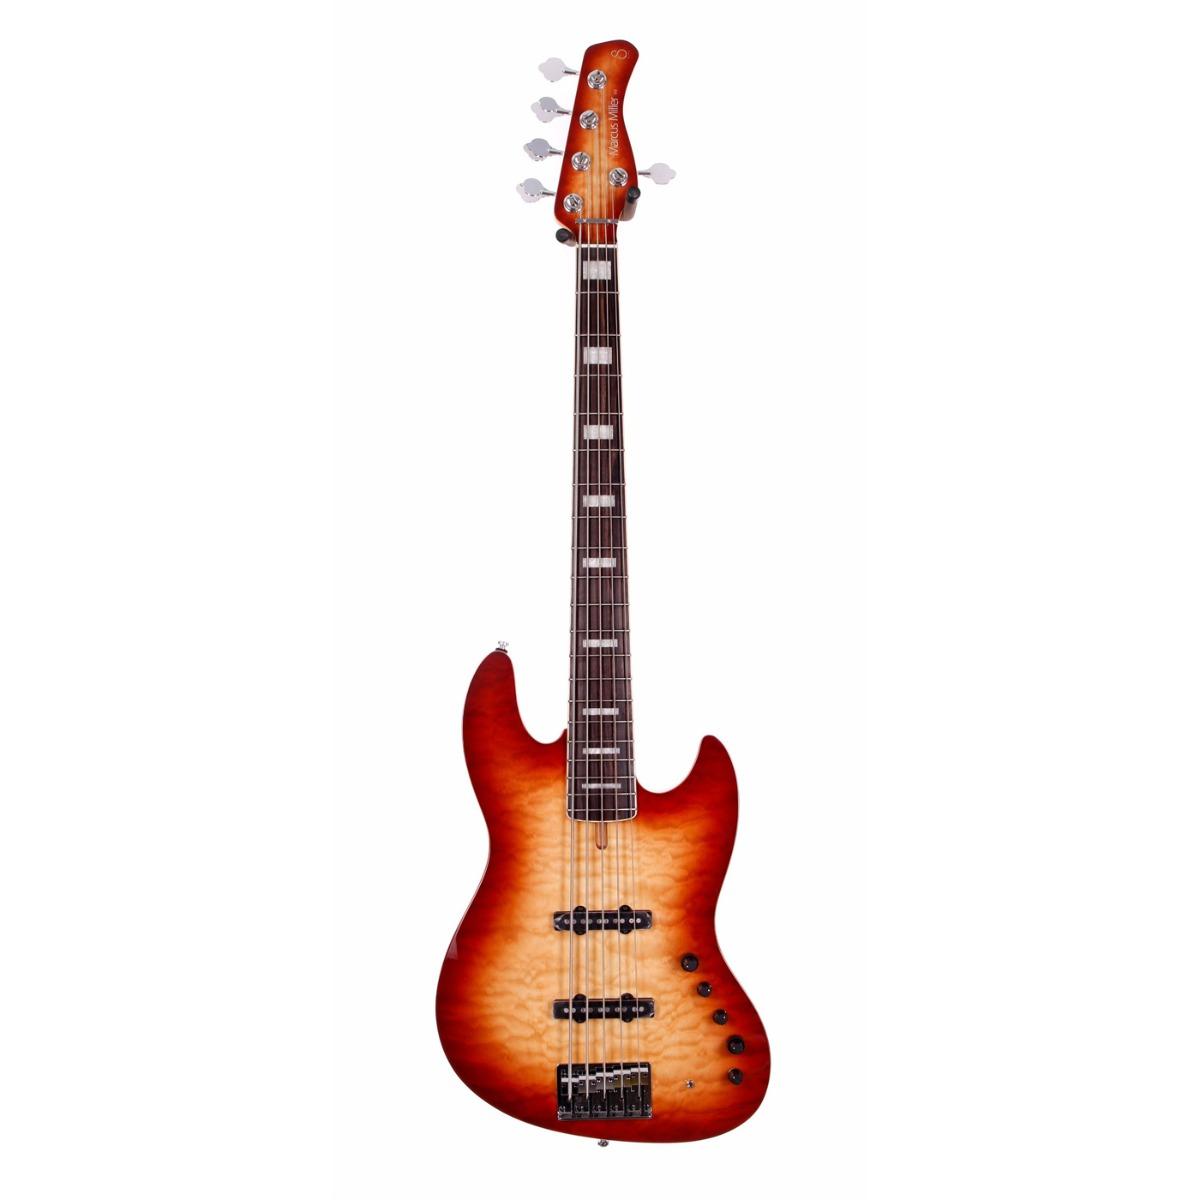 Sire Marcus Miller V9 ALDER-5 BRS el-bas Satin Brown Sunburst